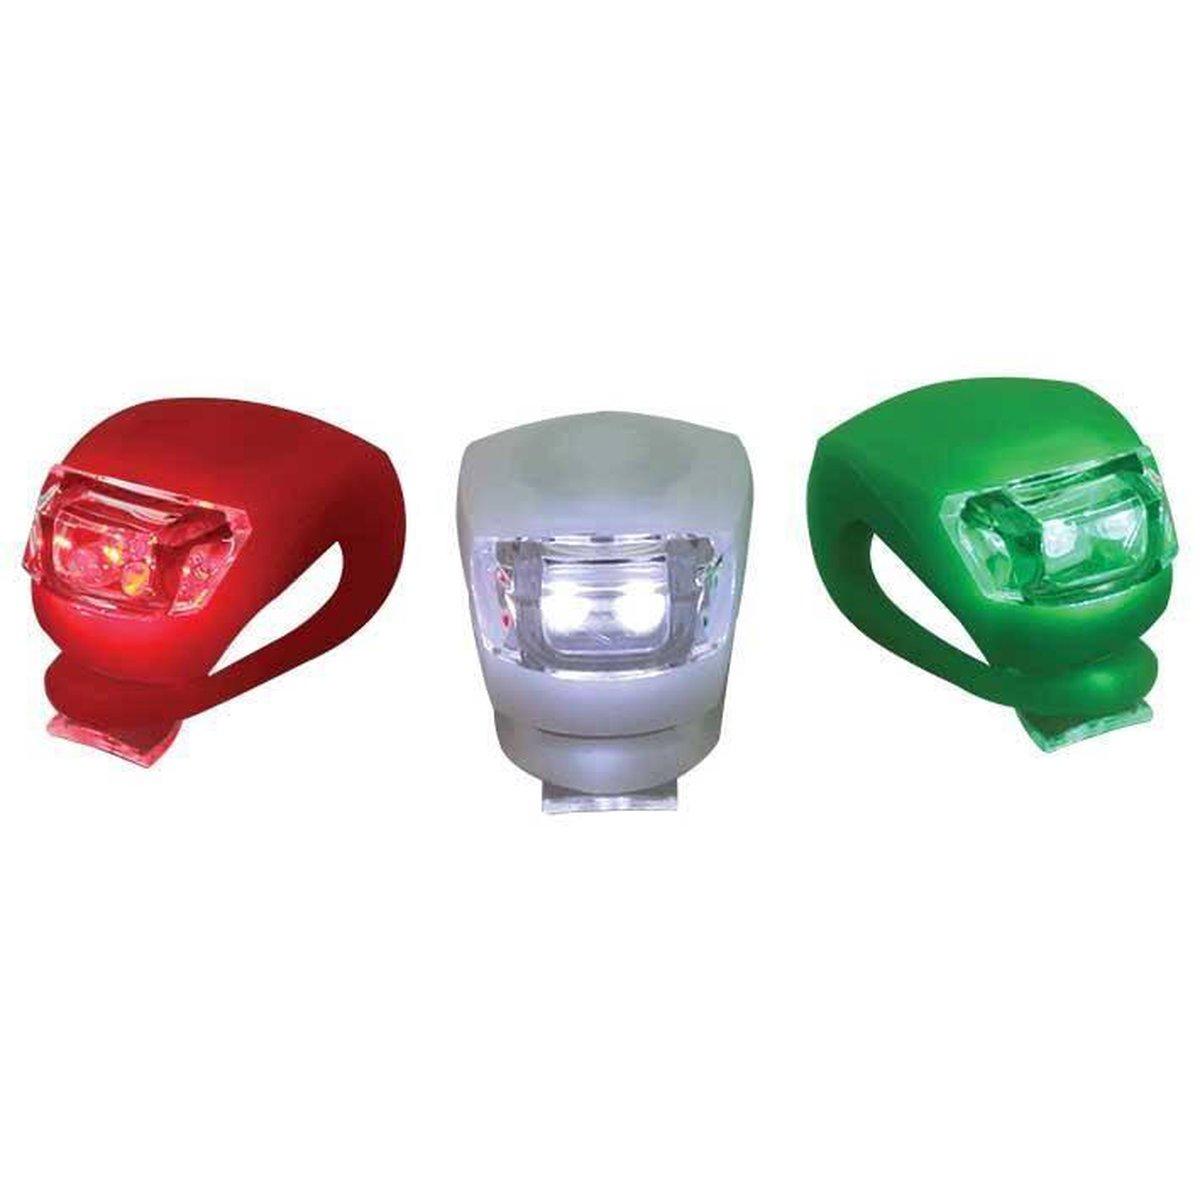 Lalizas LED Navigatieverlichting op batterij - Lalizas